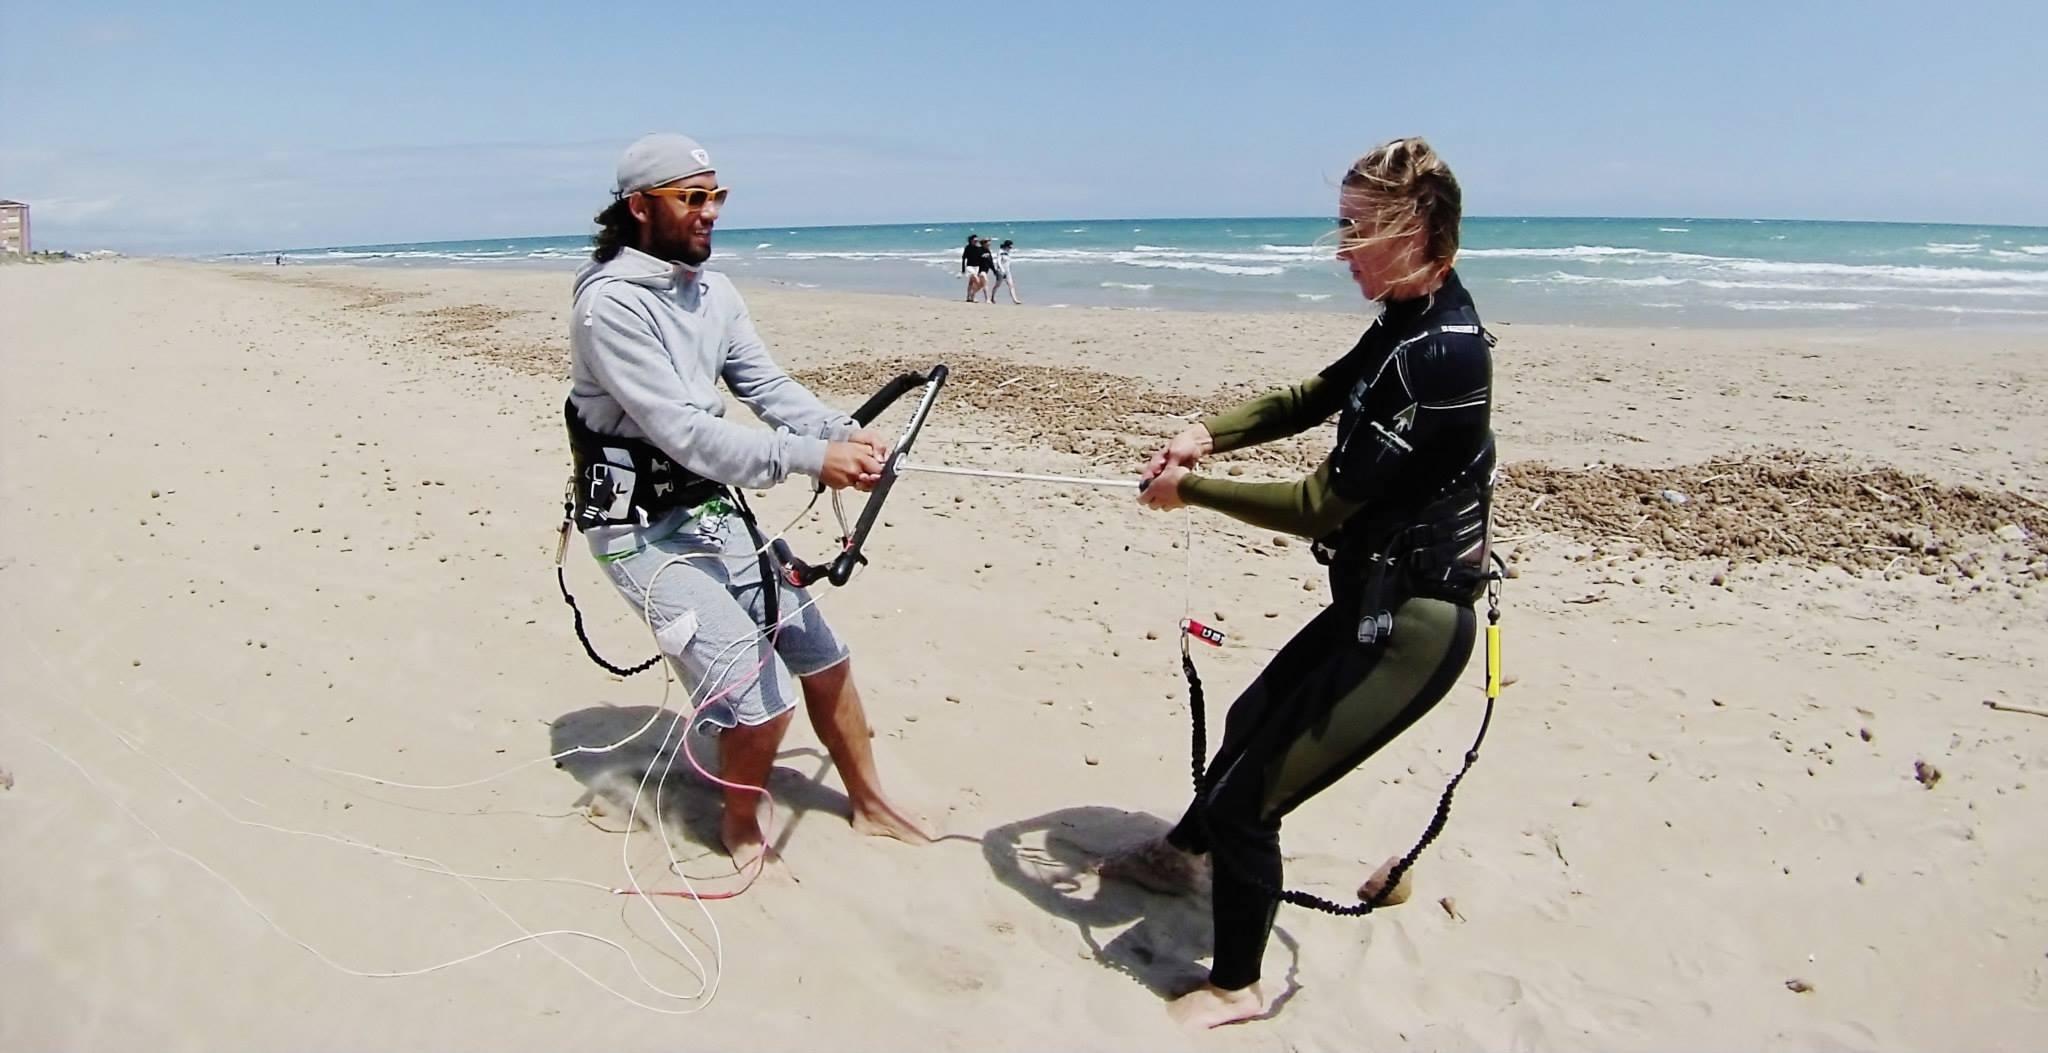 Cursos de kitesurf en Denia